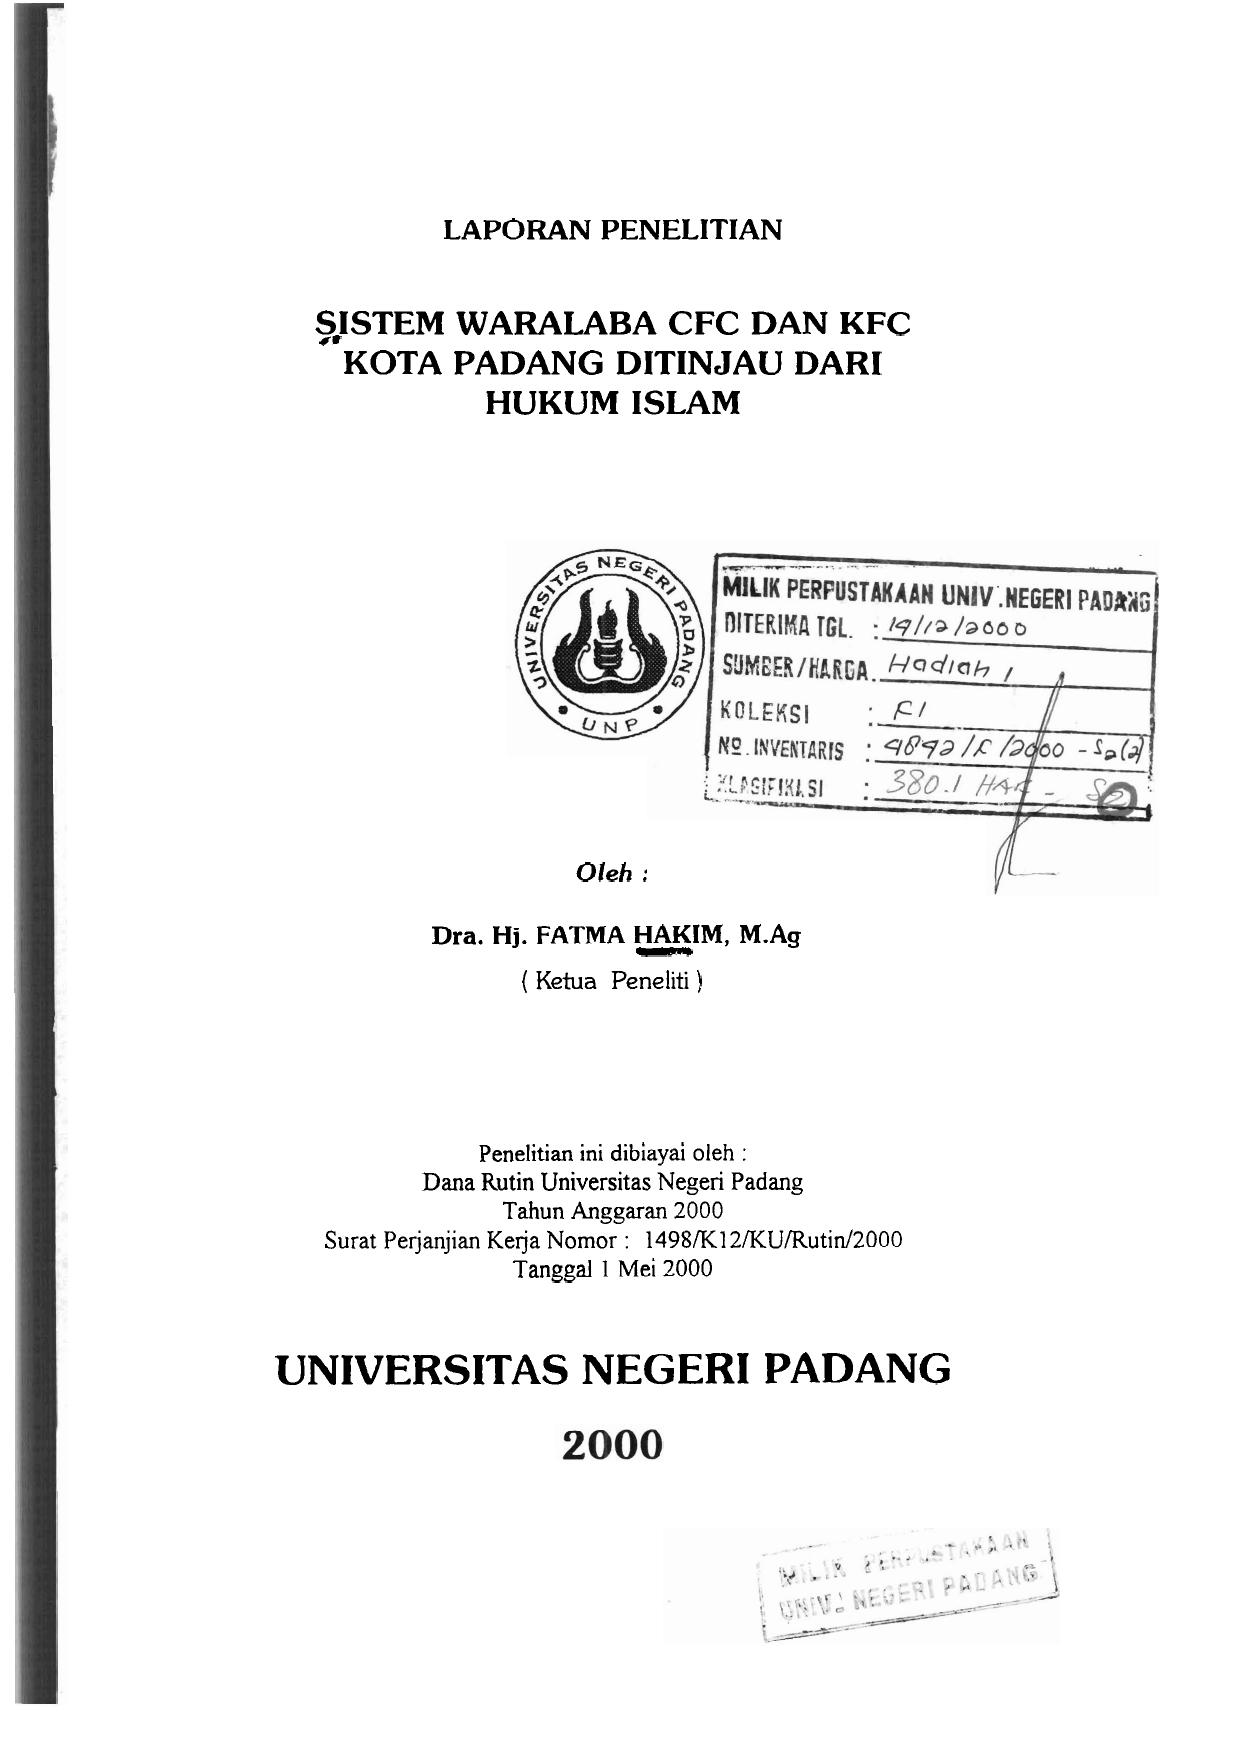 Sistem Waralaba Cfc Dan Kfc Universitas Negeri Padang Repository